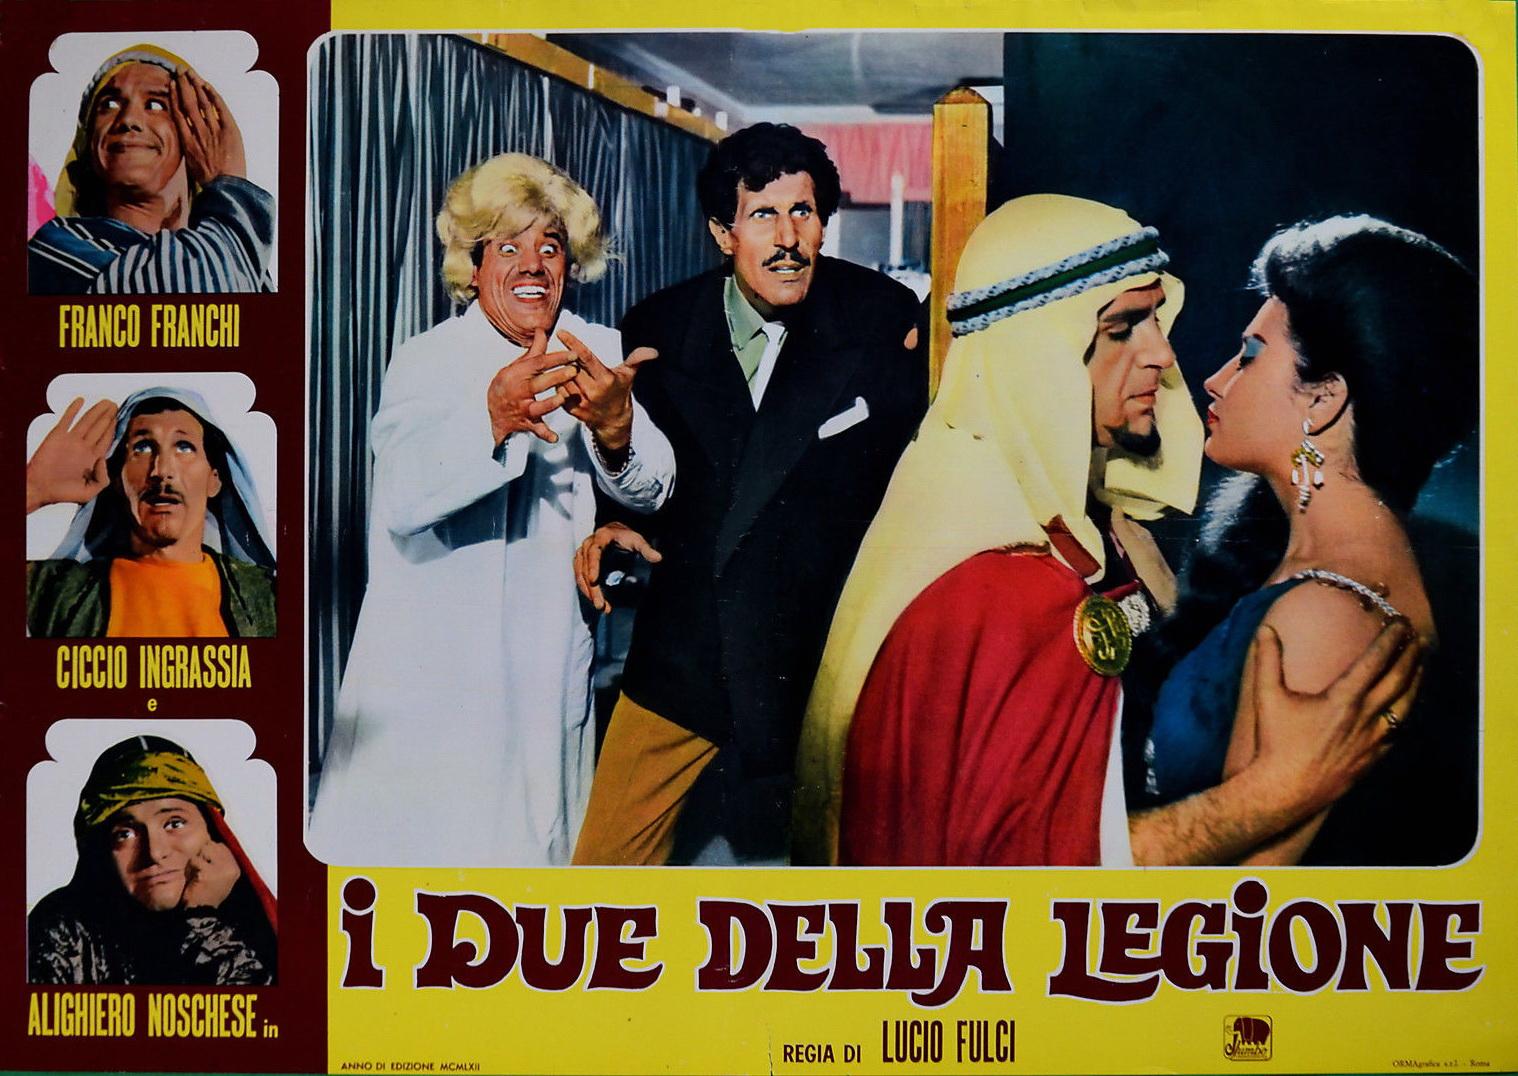 Franco Franchi, Aldo Giuffrè, Ciccio Ingrassia, and Alighiero Noschese in I due della legione (1962)